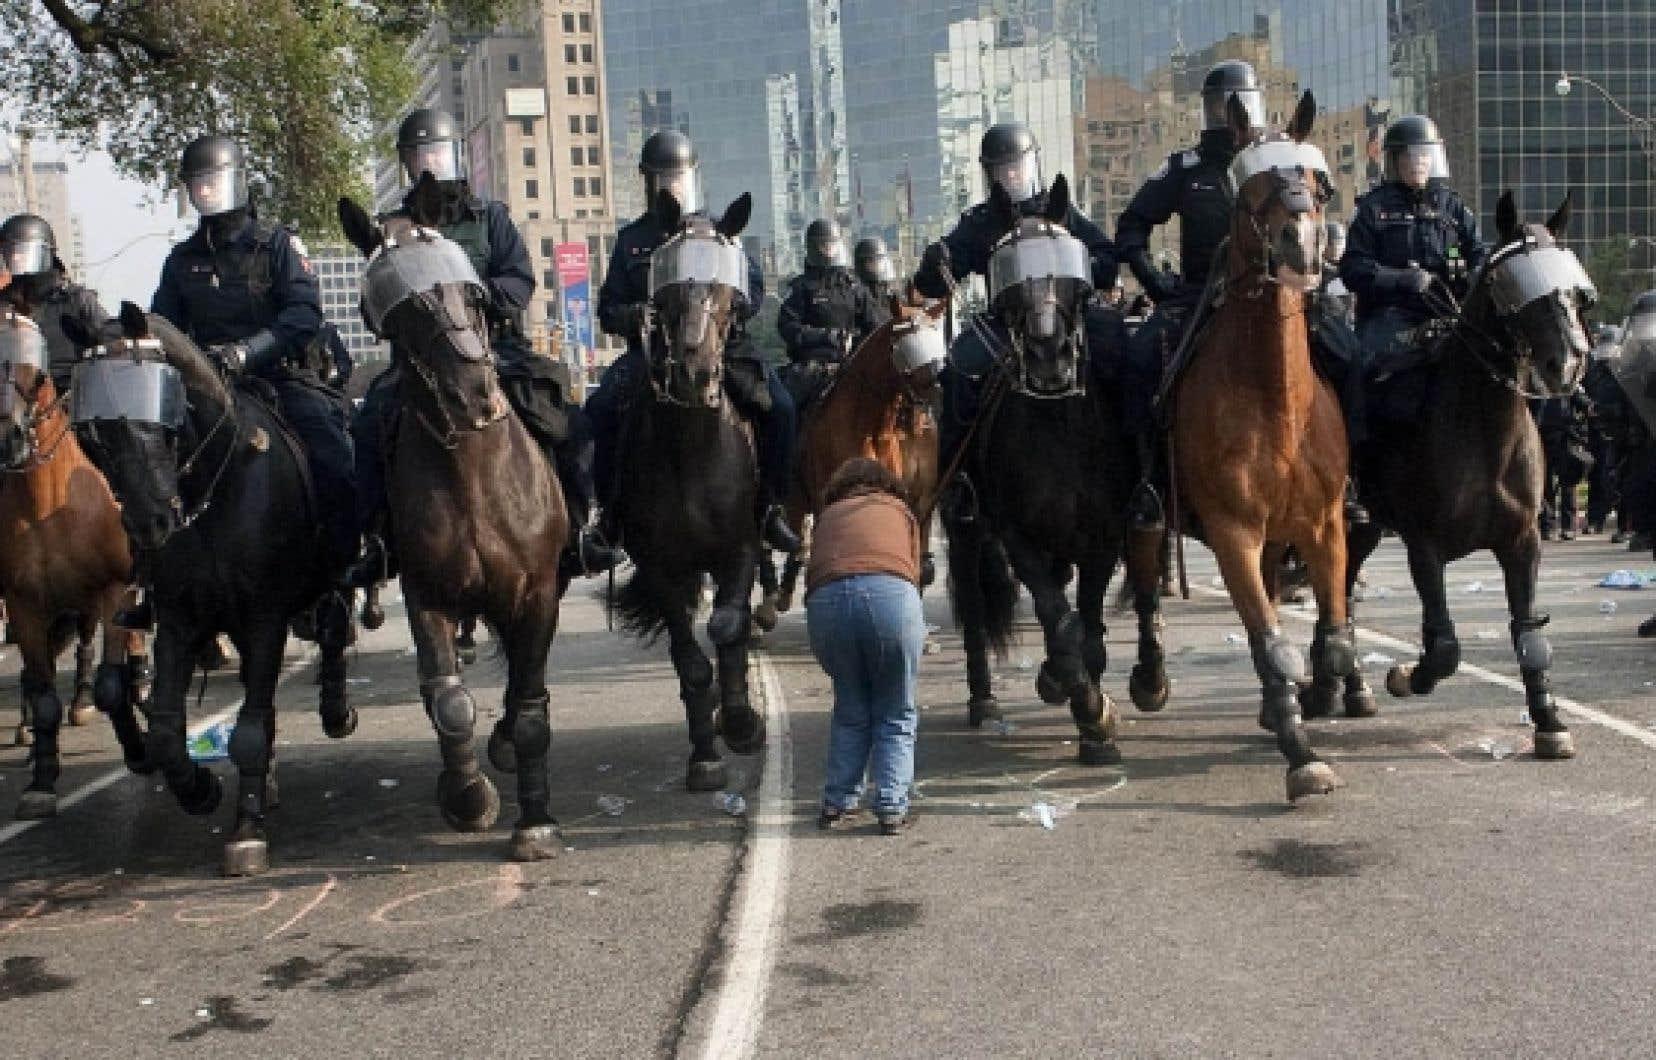 Le juge Melvyn Green écrit que «la seule agression physique collective ou organisée à cet endroit ce soir-là a été celle perpétrée par les policiers chaque fois qu'ils avançaient vers les manifestants». Sur la photo: des policiers montés et une manifestante lors du G20 à Toronto en juin 2010.<br />